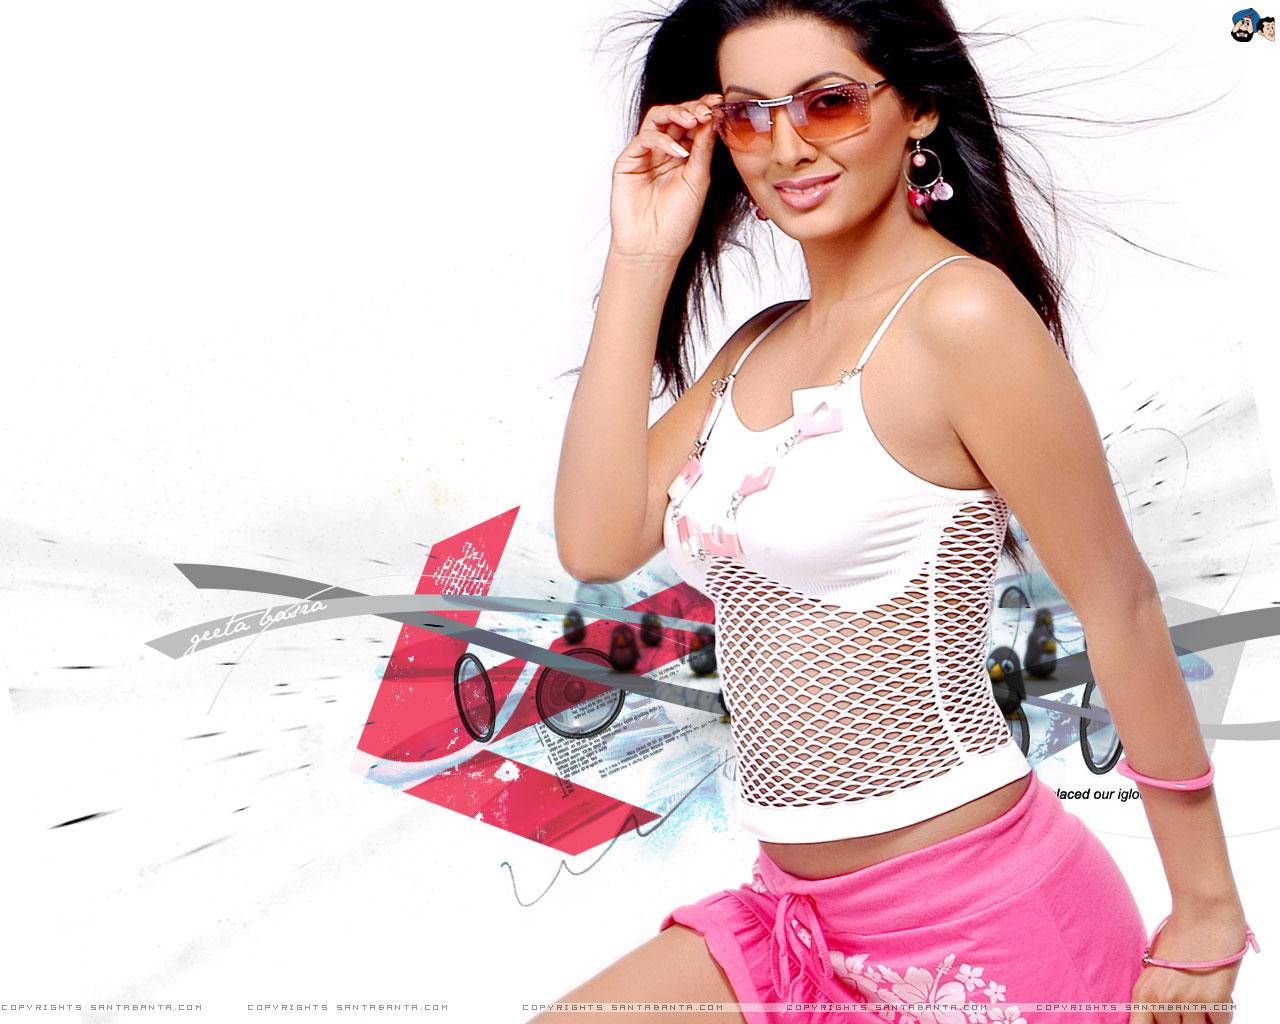 http://4.bp.blogspot.com/_v_hUNXBZfl0/TByeT1g-quI/AAAAAAAABpM/ekw_Wc85UWk/s1600/g8+%284%29.jpg